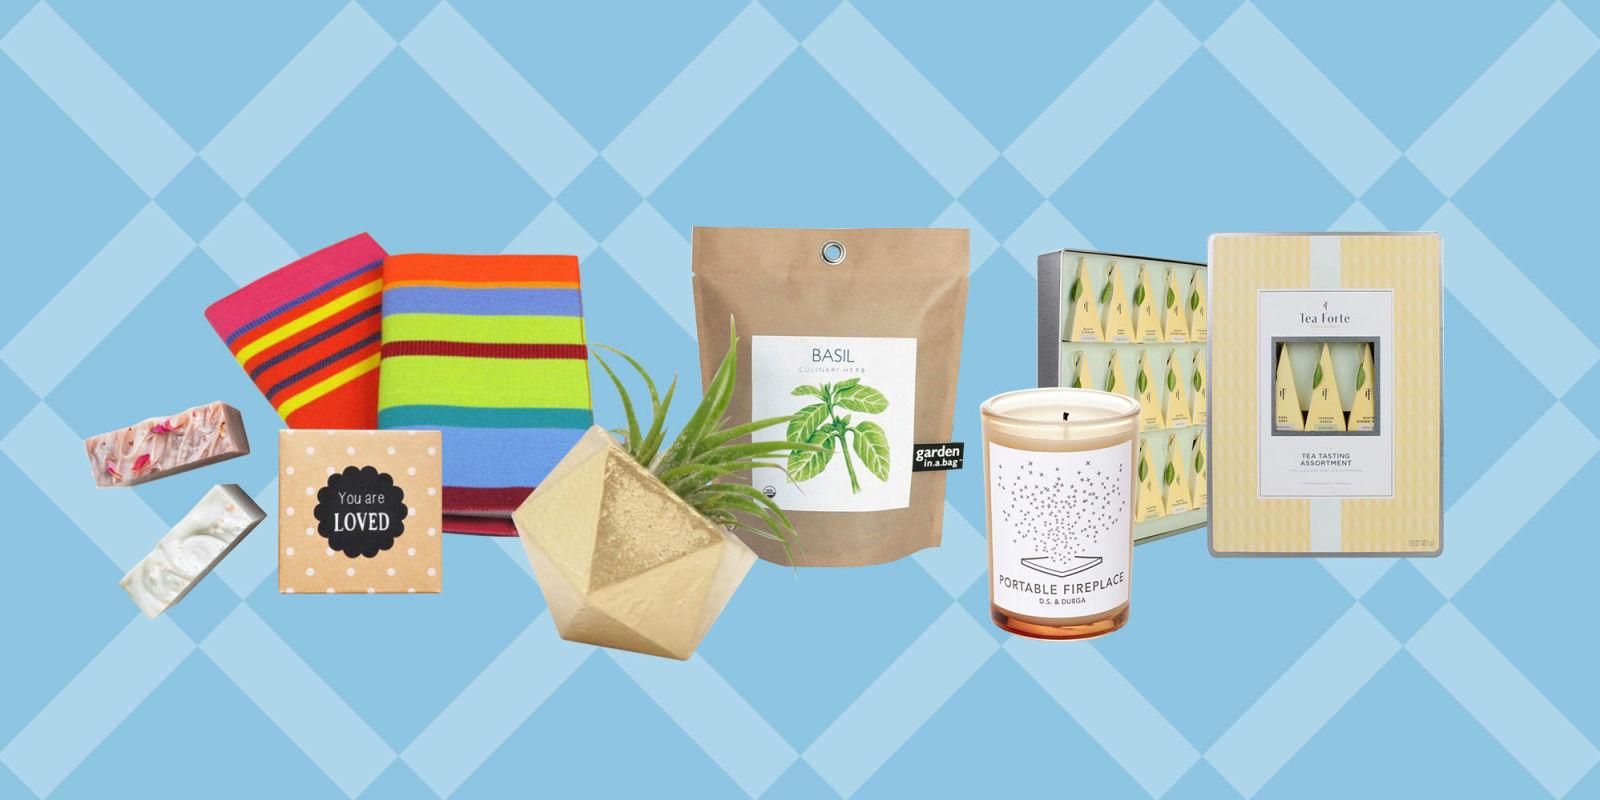 35 Gifts Under 20 Best Gift Ideas Dollars